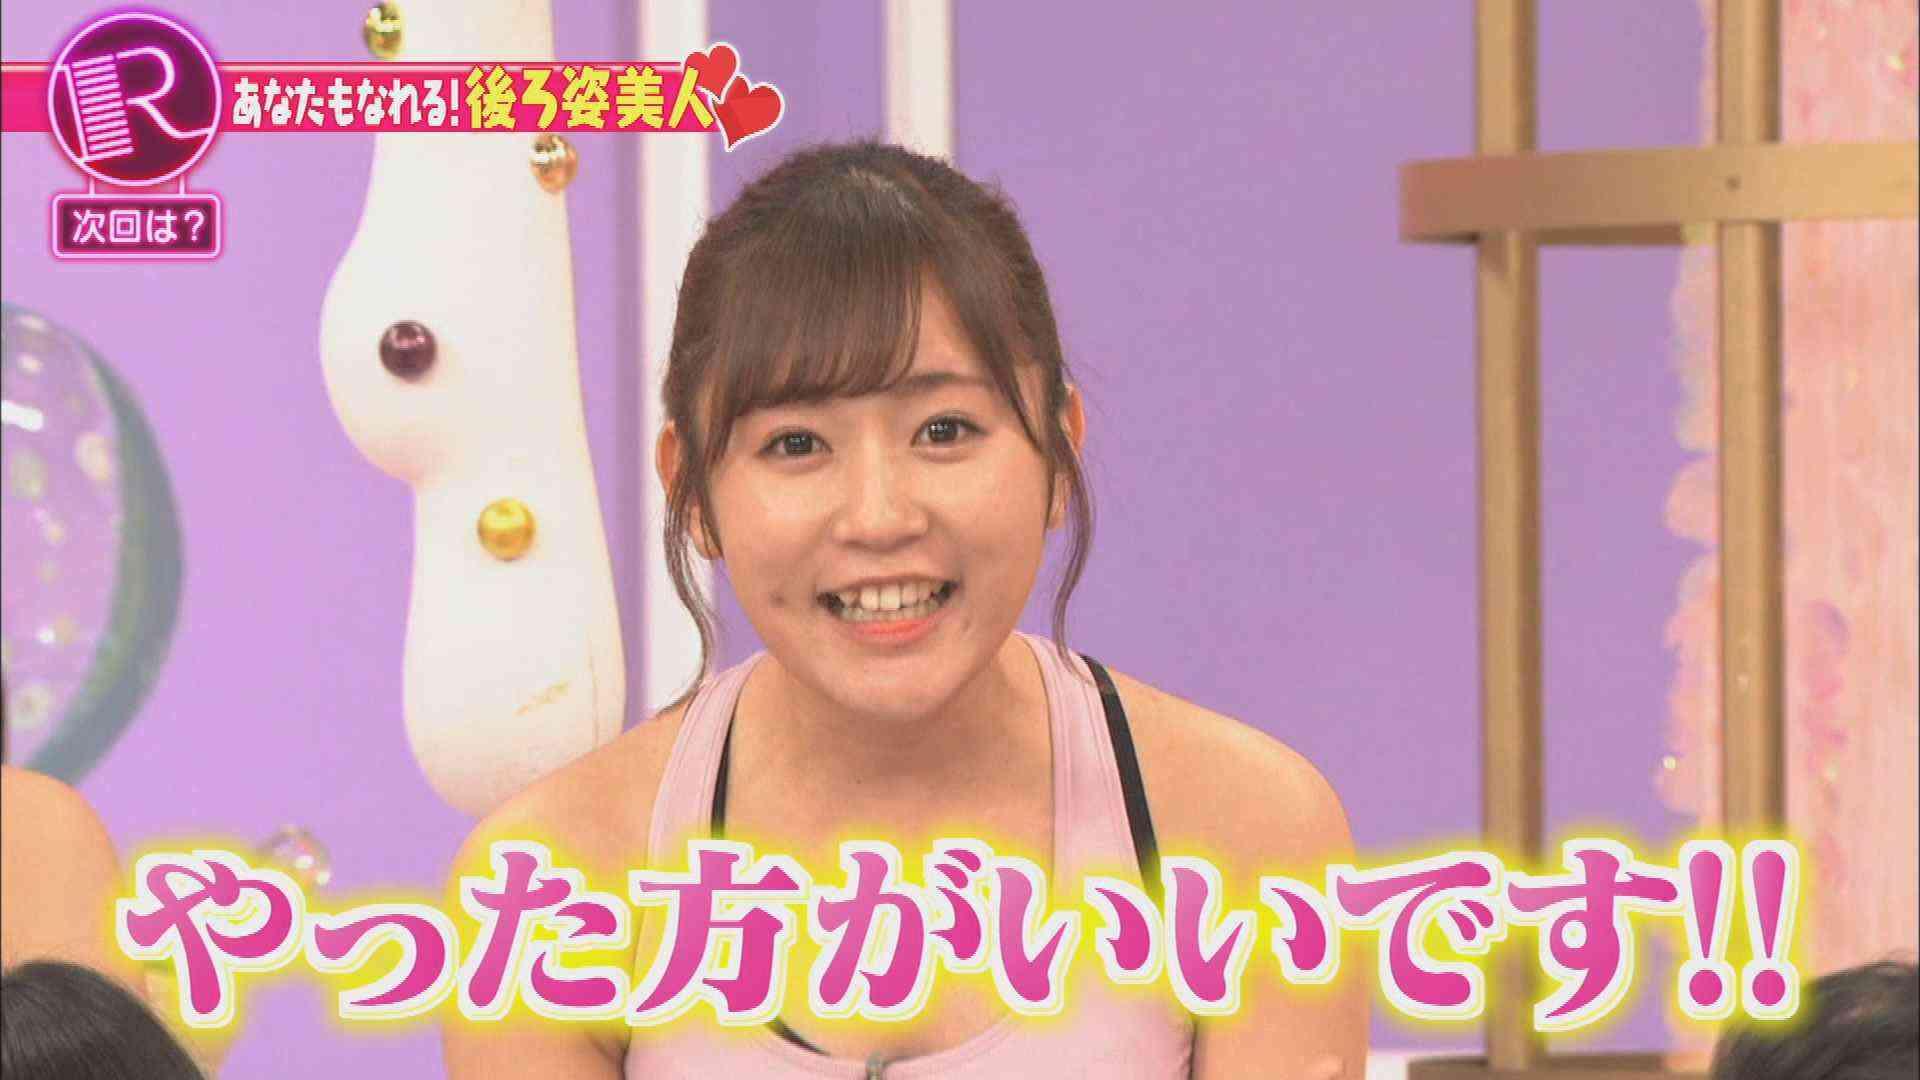 1日5分で大変身!目指せ!後ろ姿美人   NHK Rの法則